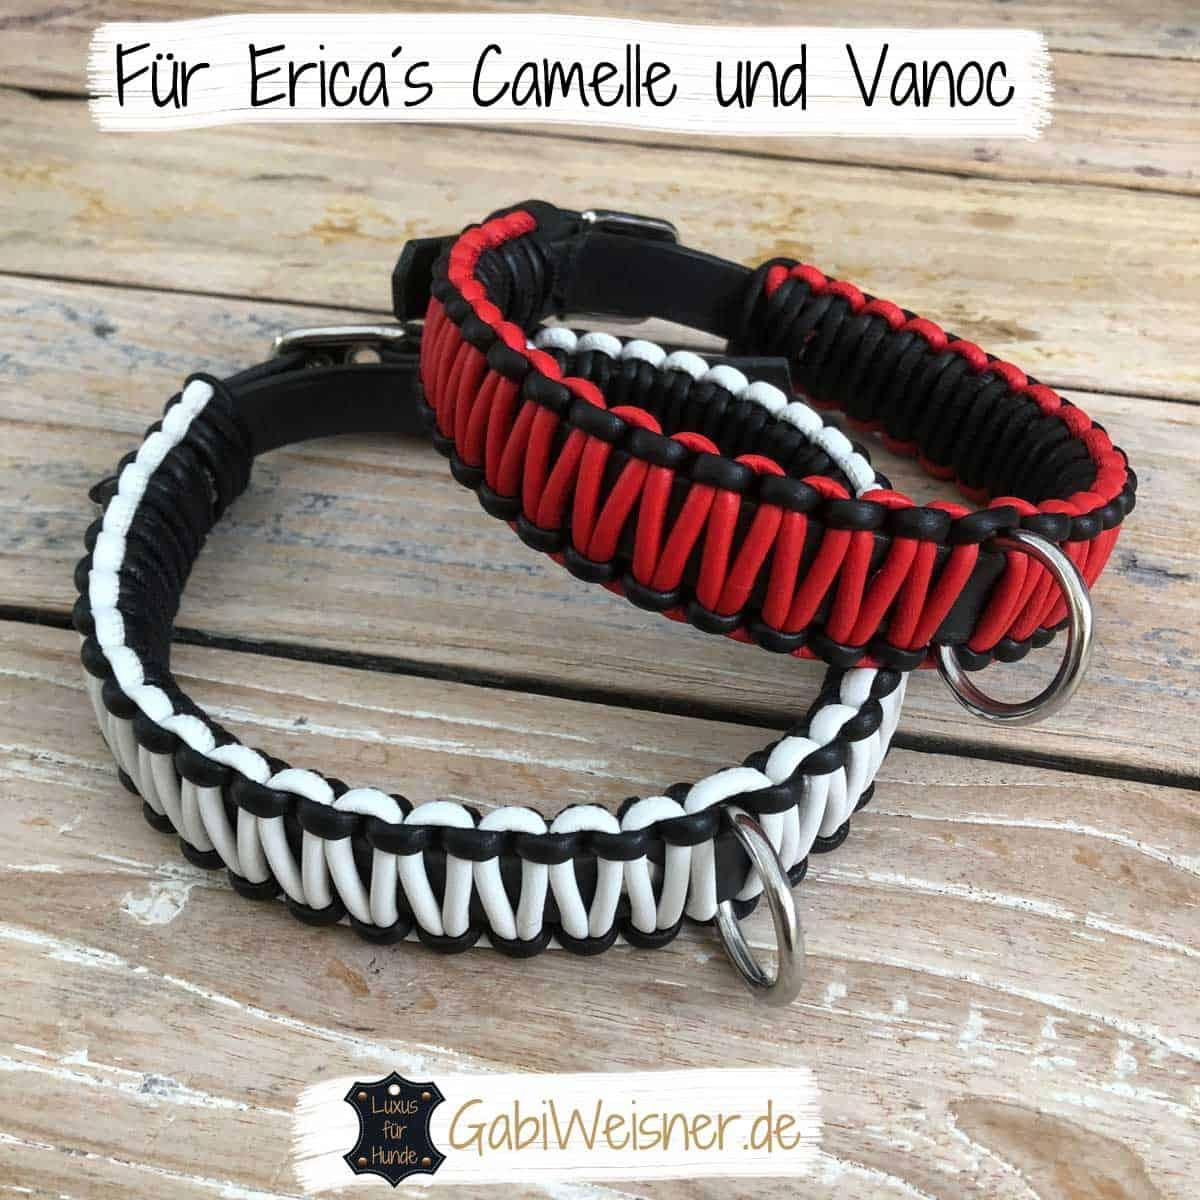 Hundehalsband 3 cm breit Leder in Schwarz Weiß